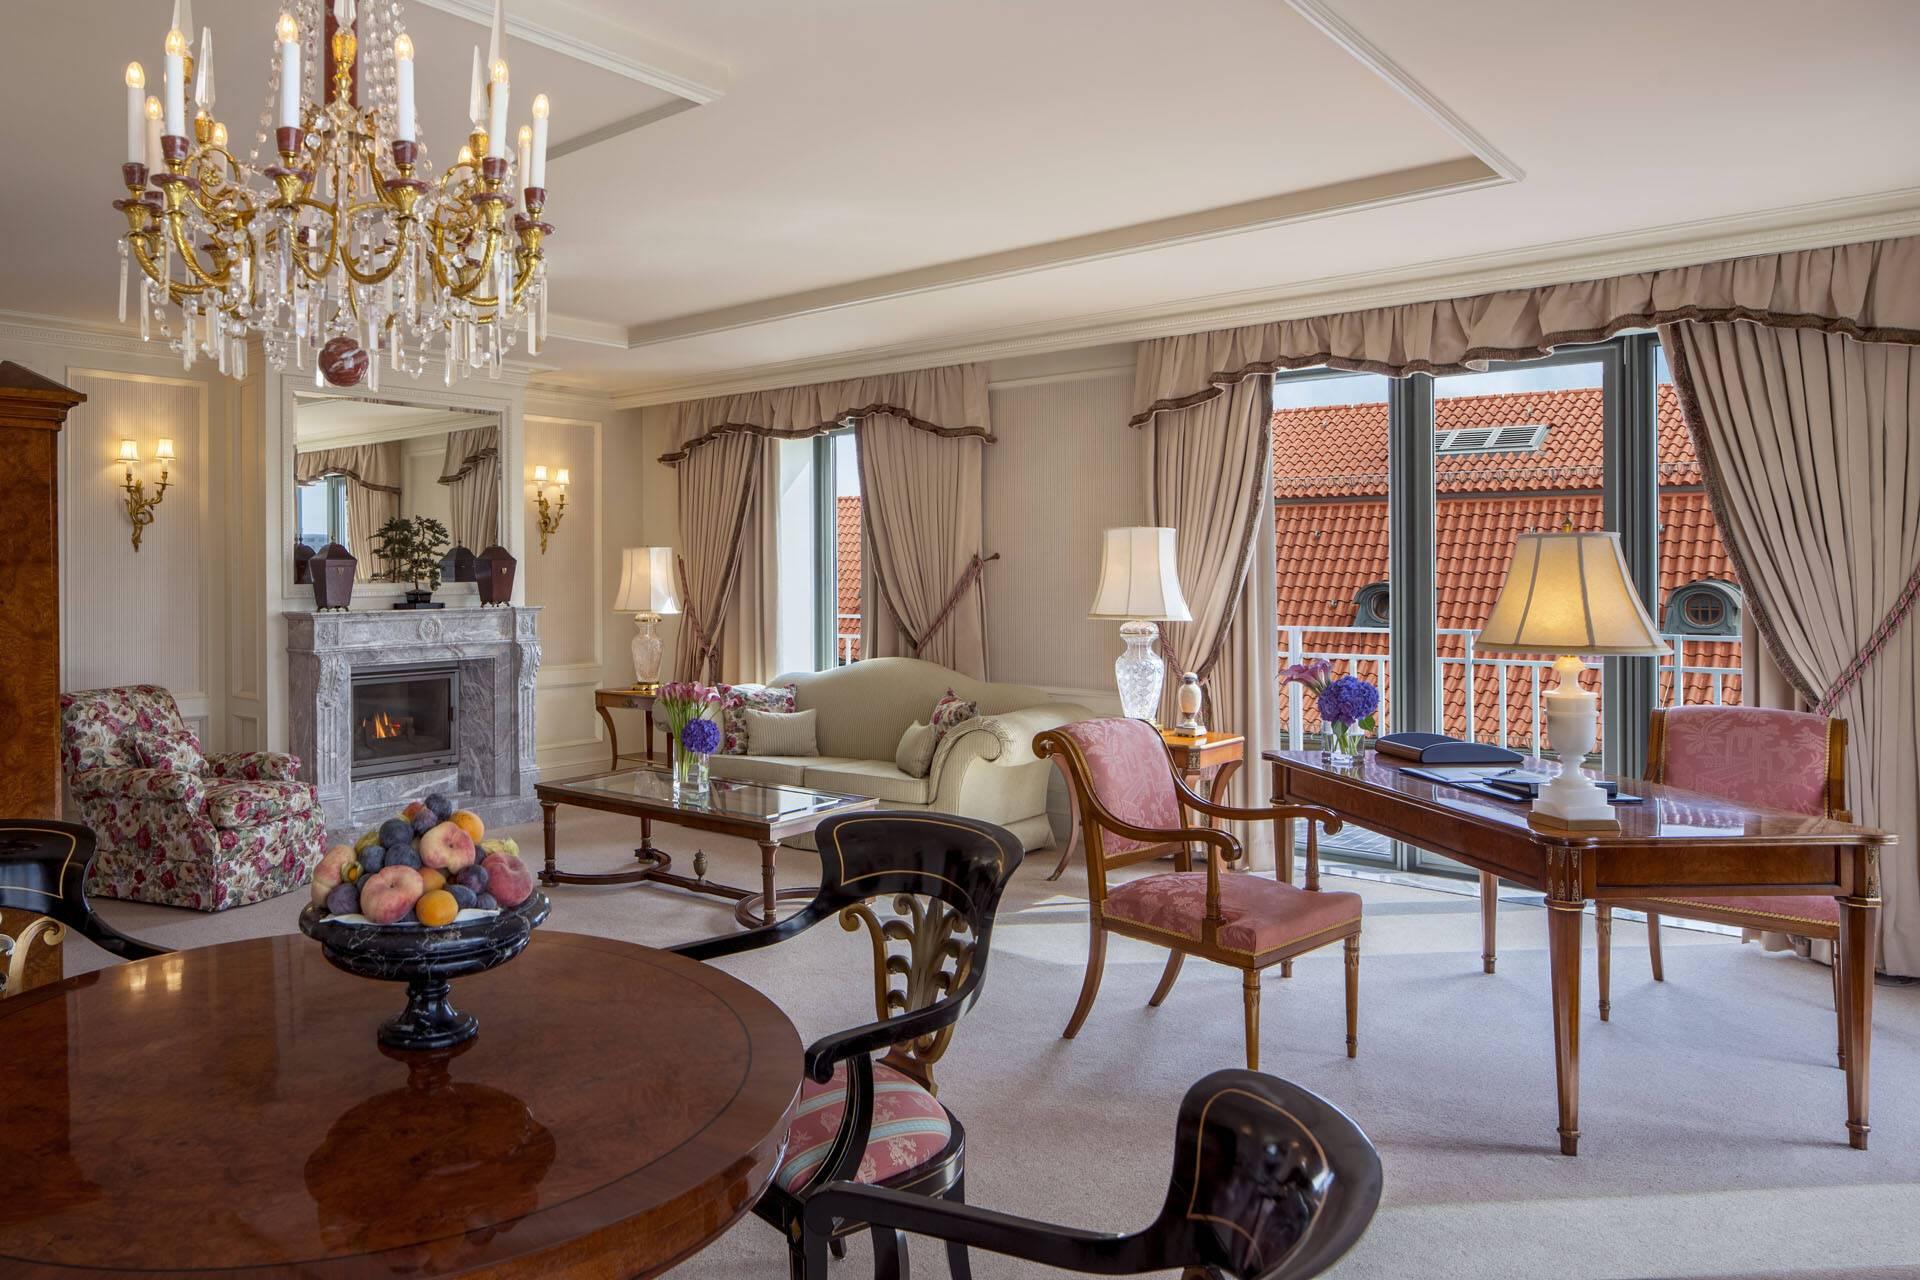 Regent Berlin Gendarmen Suite living Room fireplace